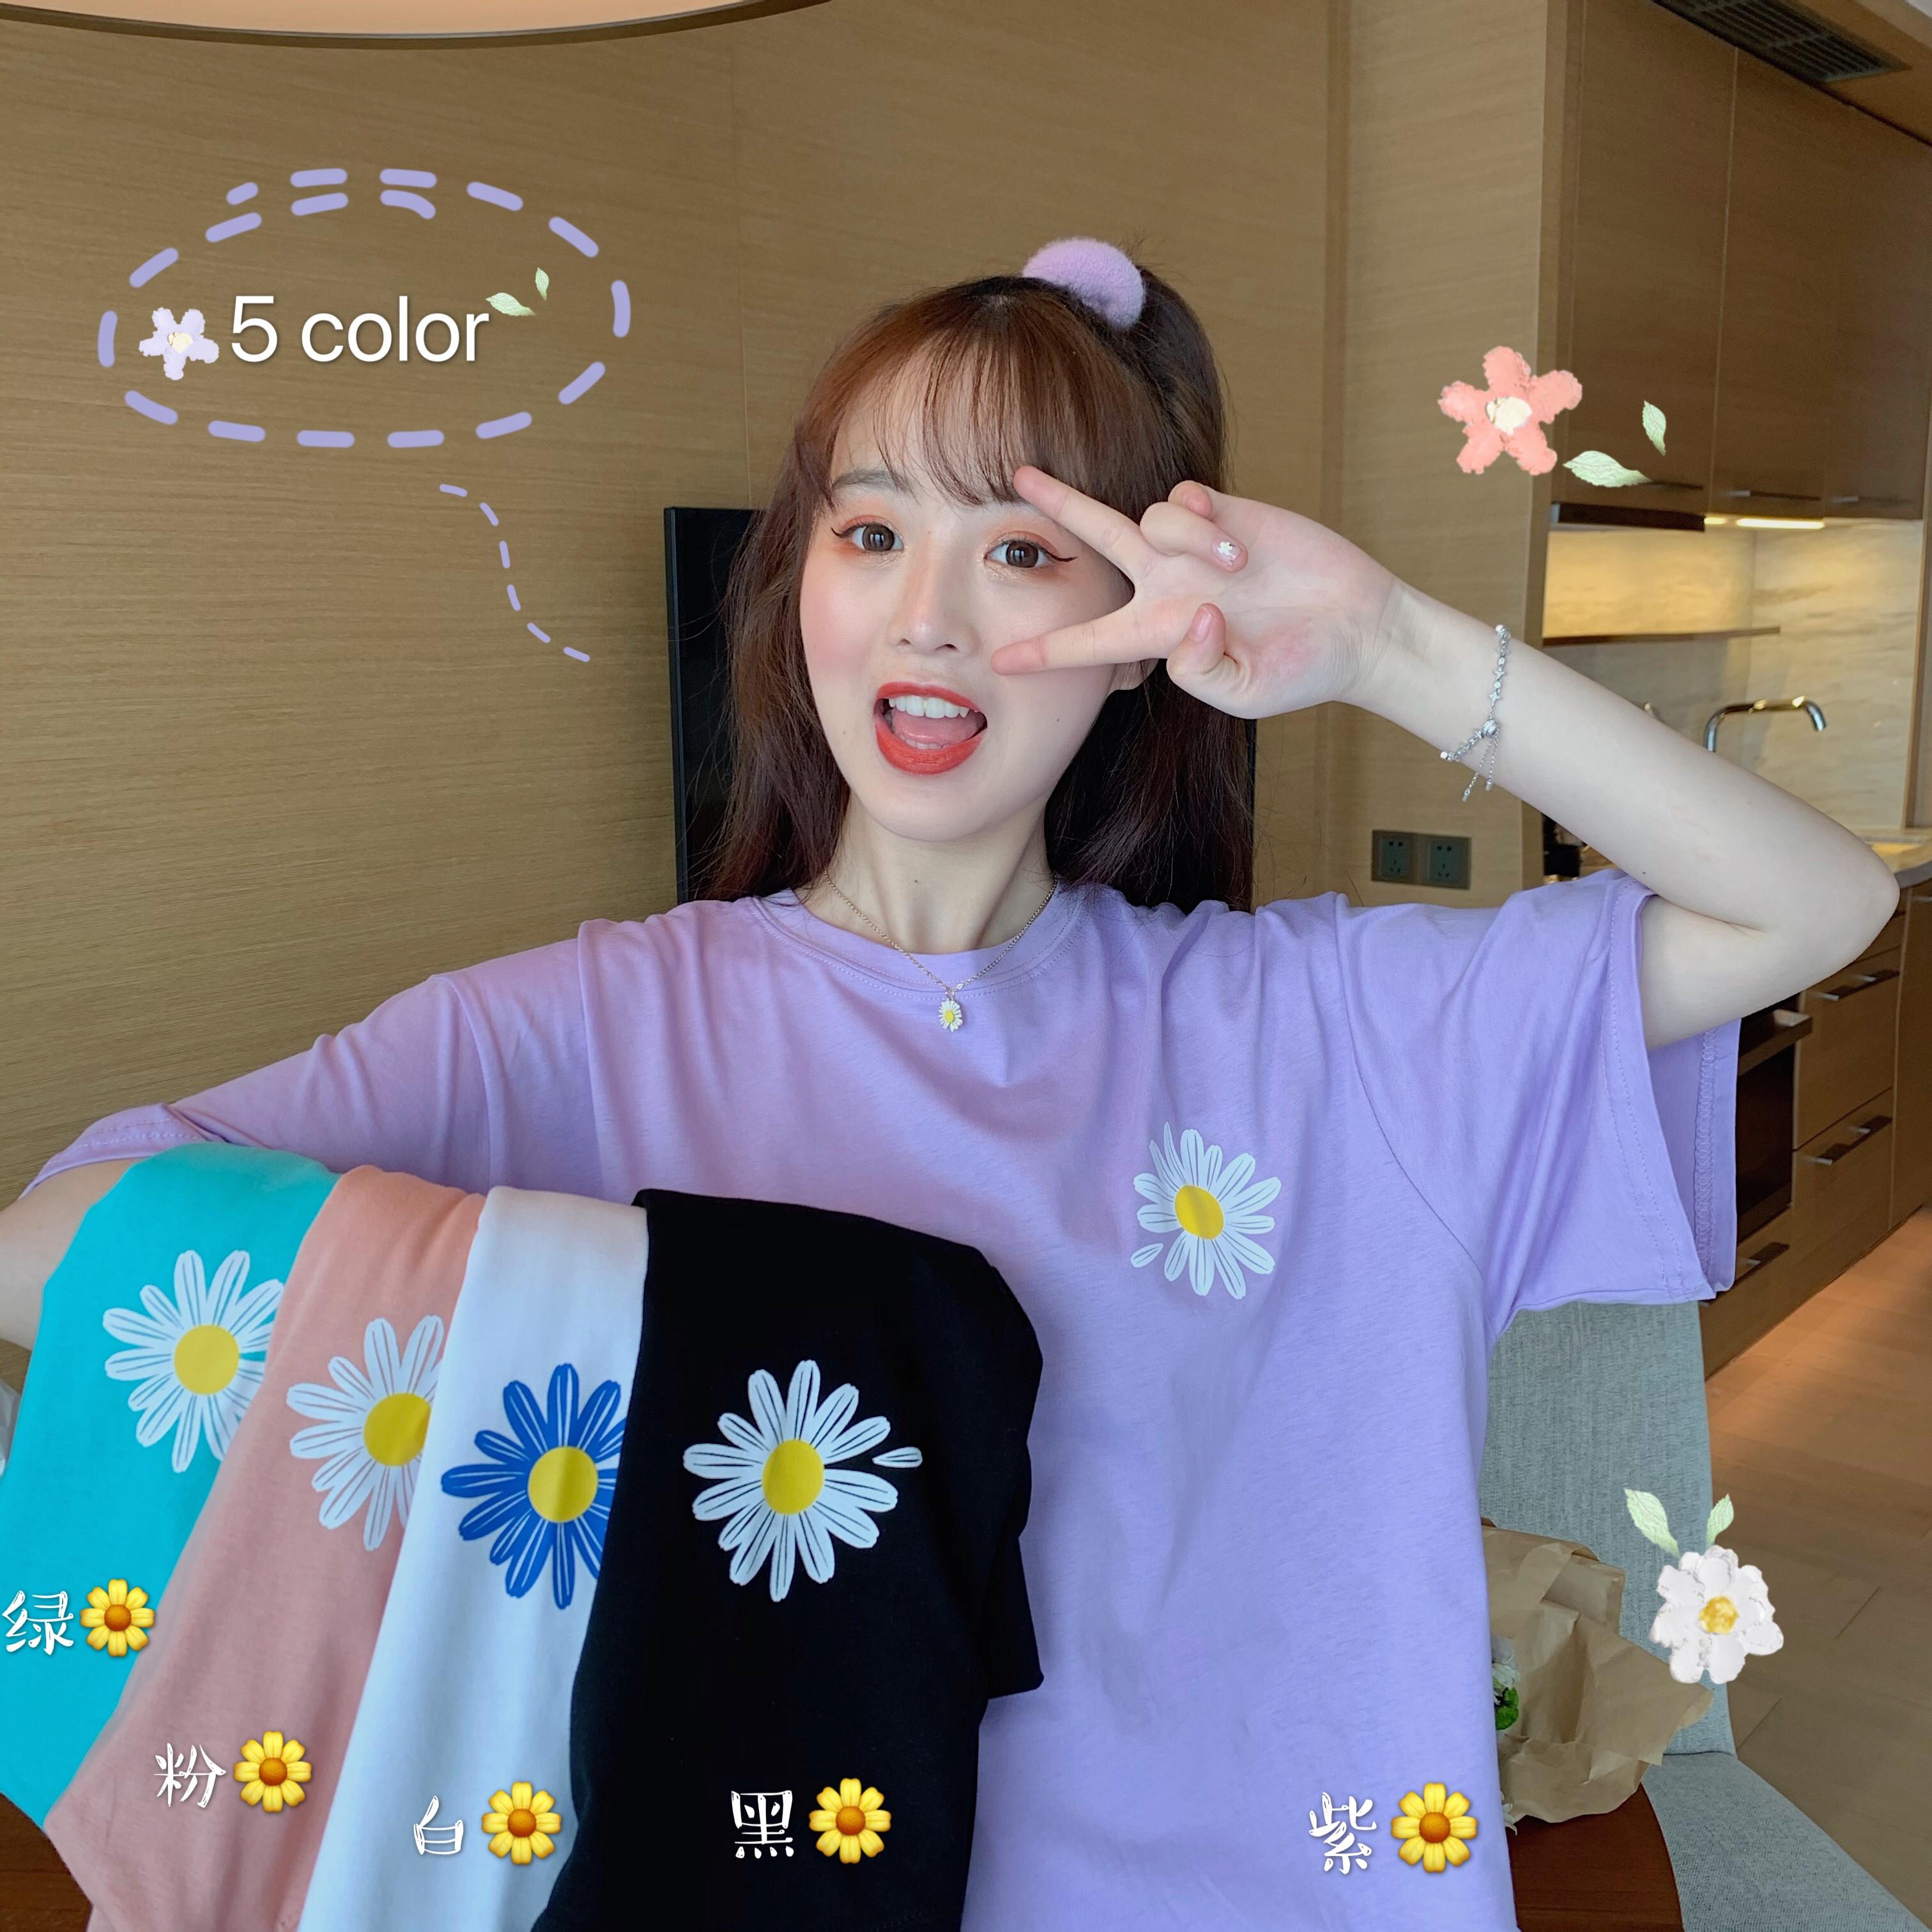 2020夏季新款原创韩版紫色少女菊花印花百搭宽松短袖T恤t恤女长袖